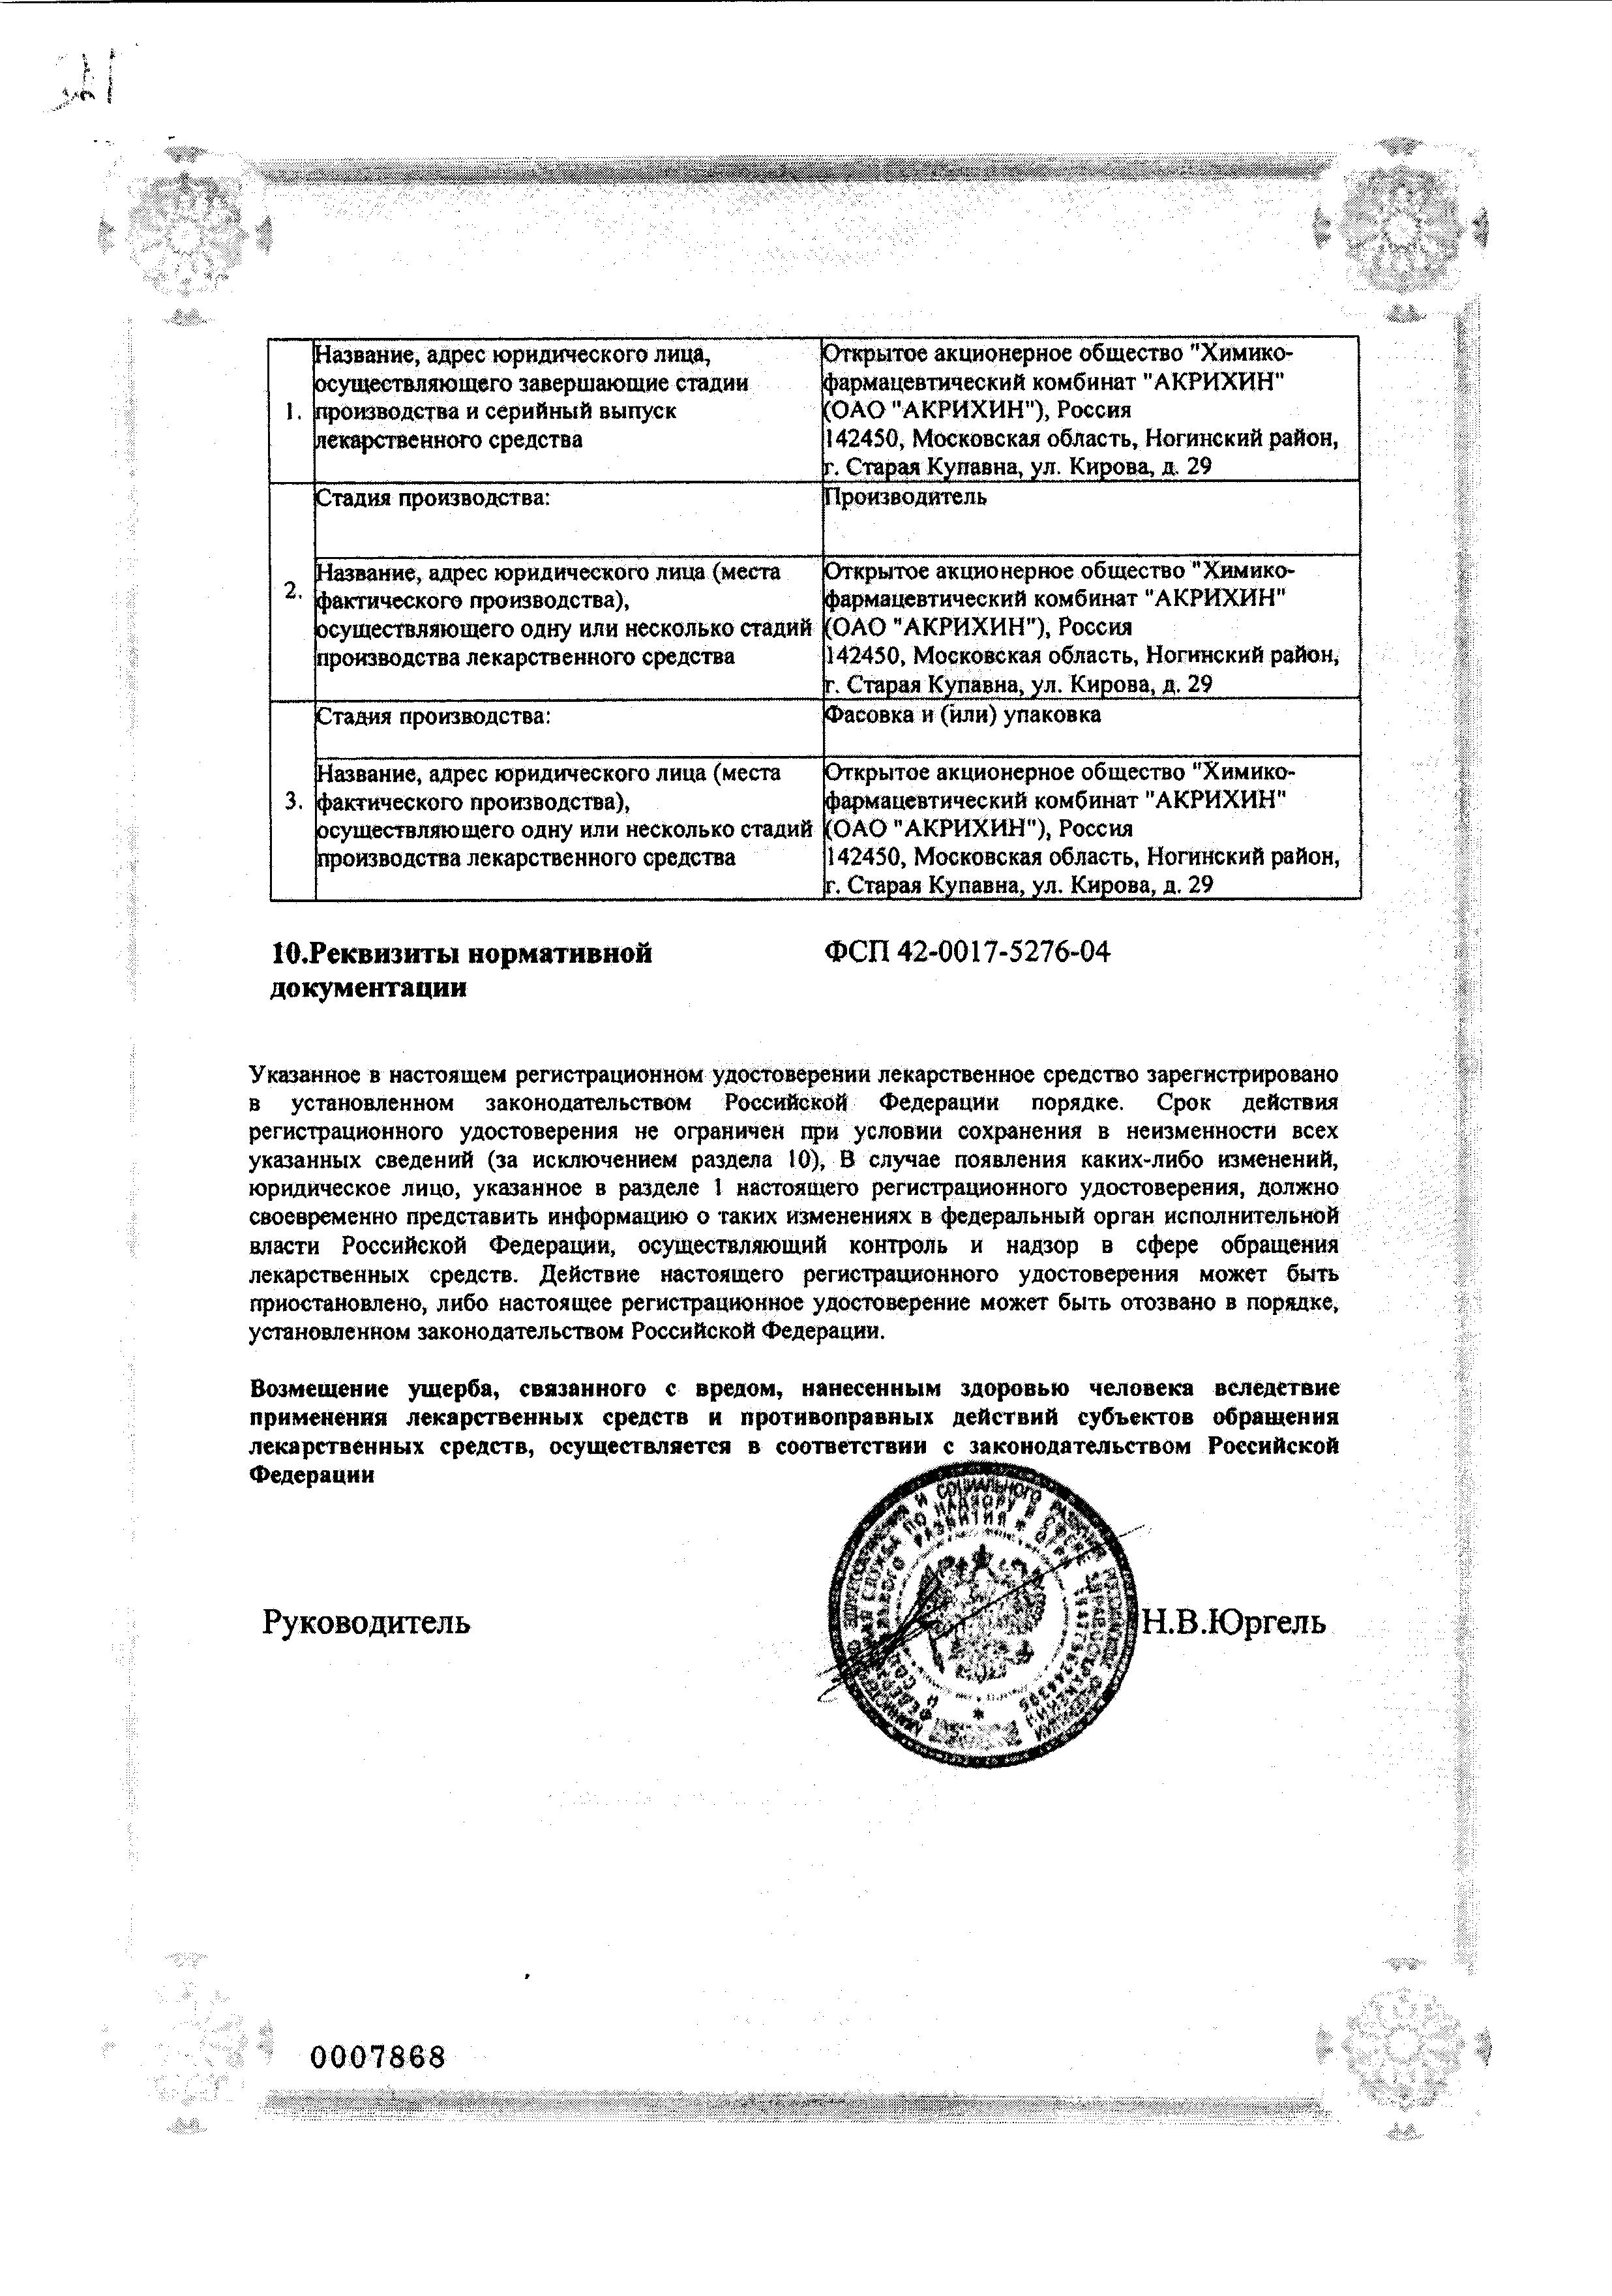 Кортизон сертификат